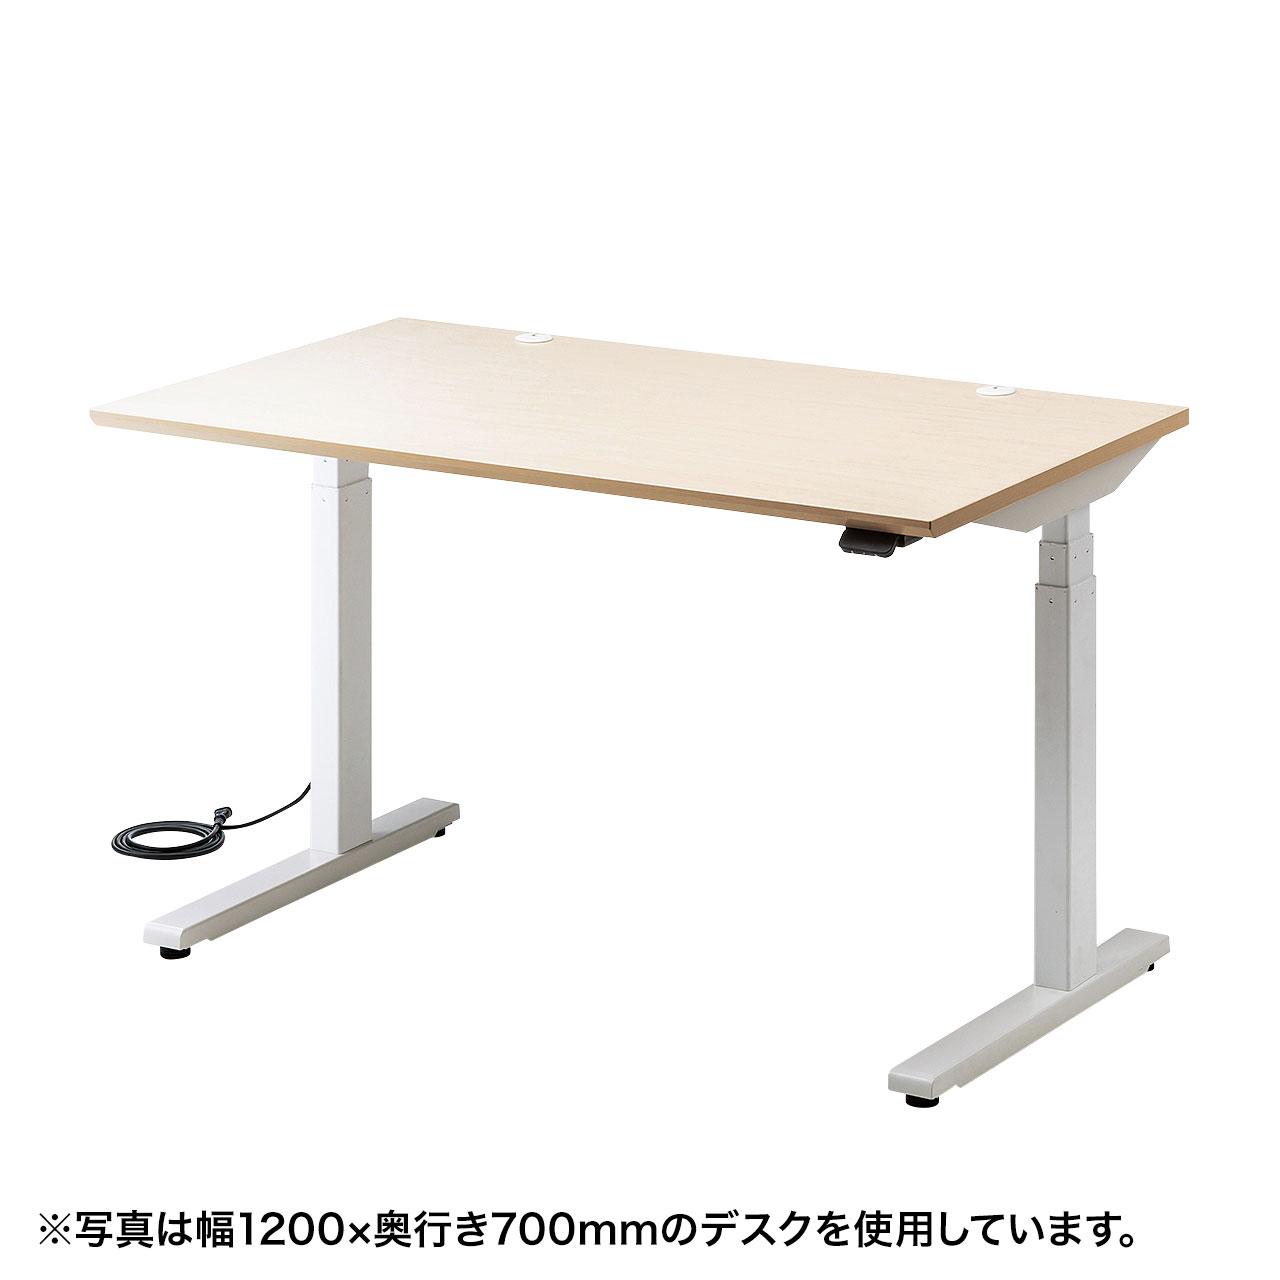 電動上下昇降デスク(W1400×D800mm・薄い木目)商品画像